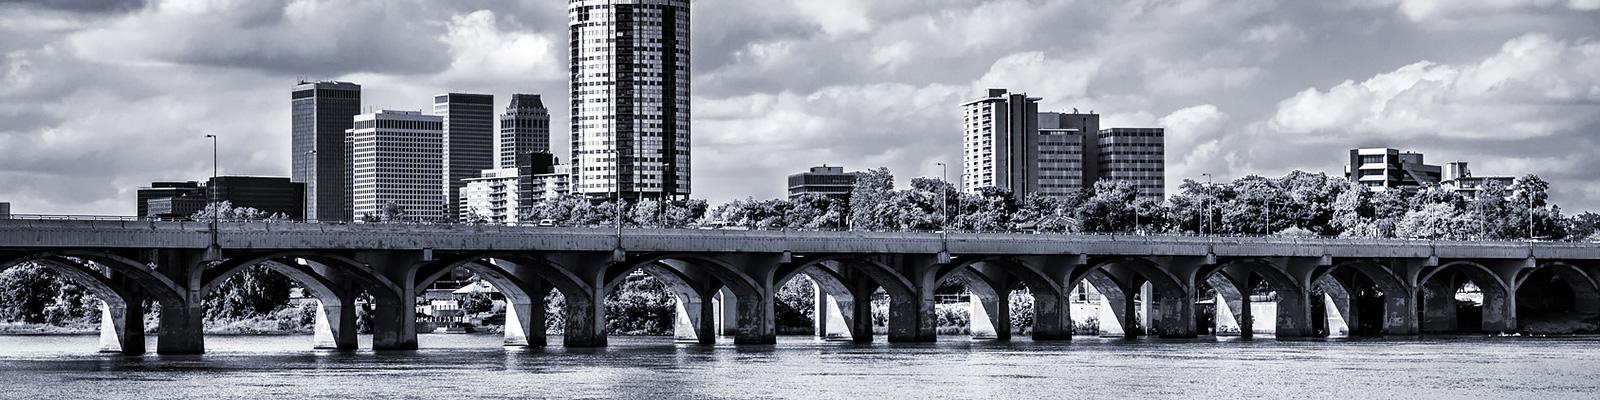 オクラホマ タルサ 都市 景観 イメージ